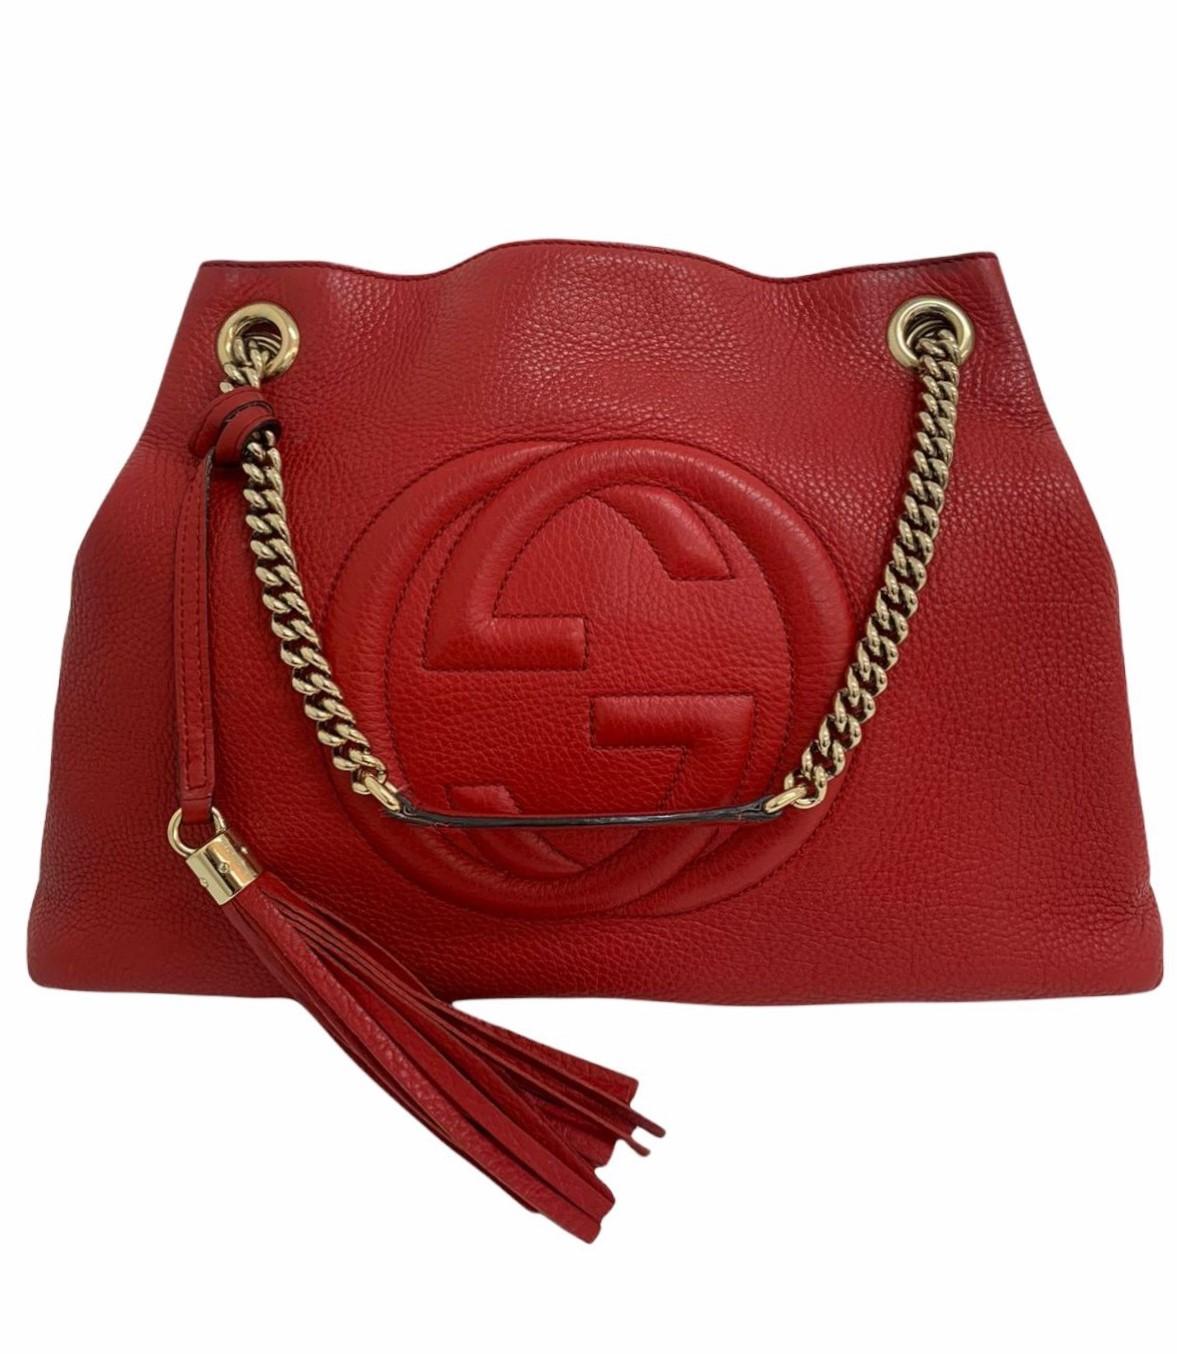 Bolsa Gucci Soho Chain Strap Shoulder Vermelha